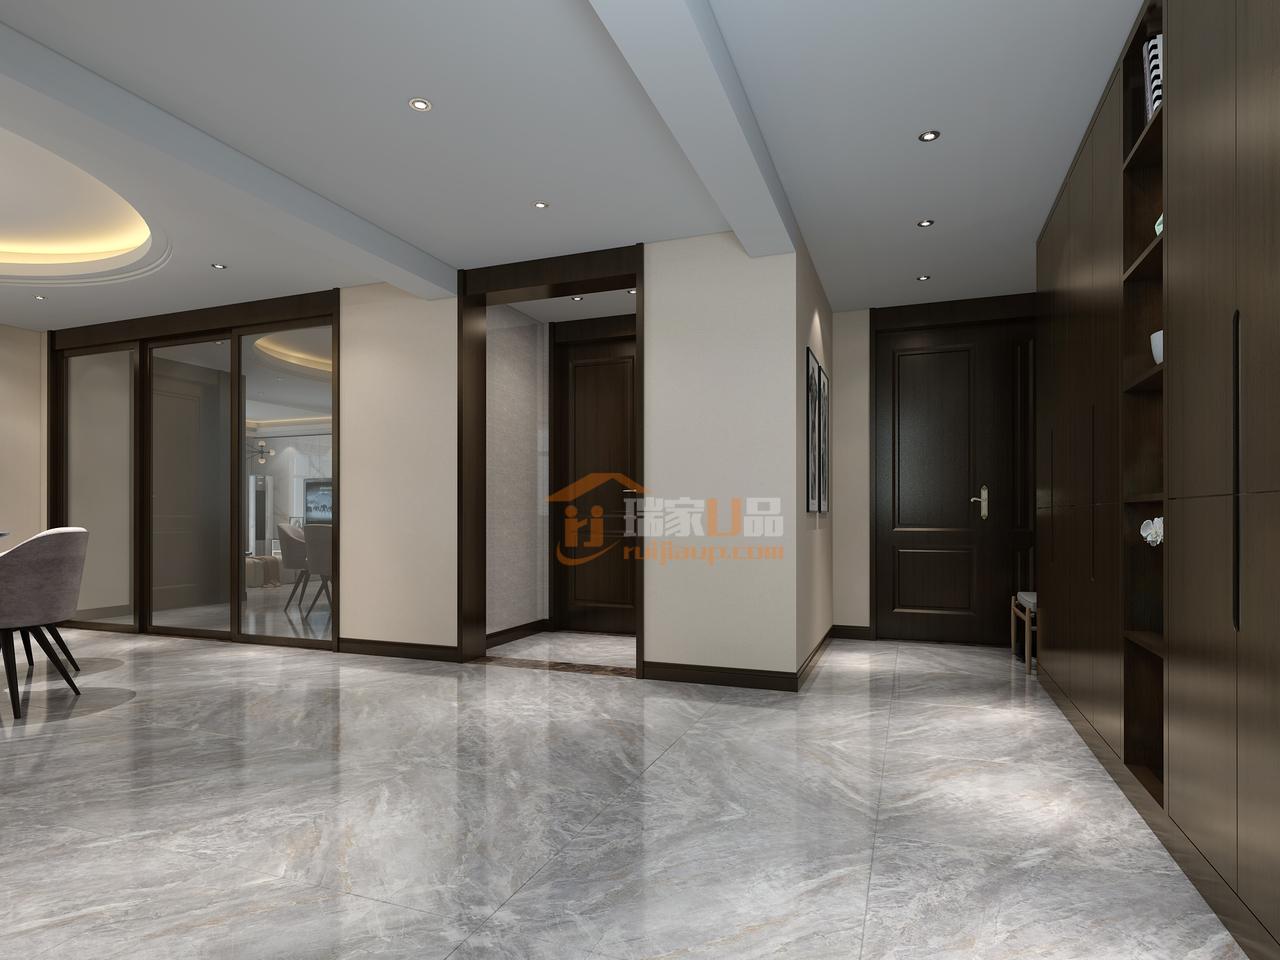 贵阳君悦华庭化繁为简的新房装修,才是幸福!装修设计预约电话:0851-84875896.